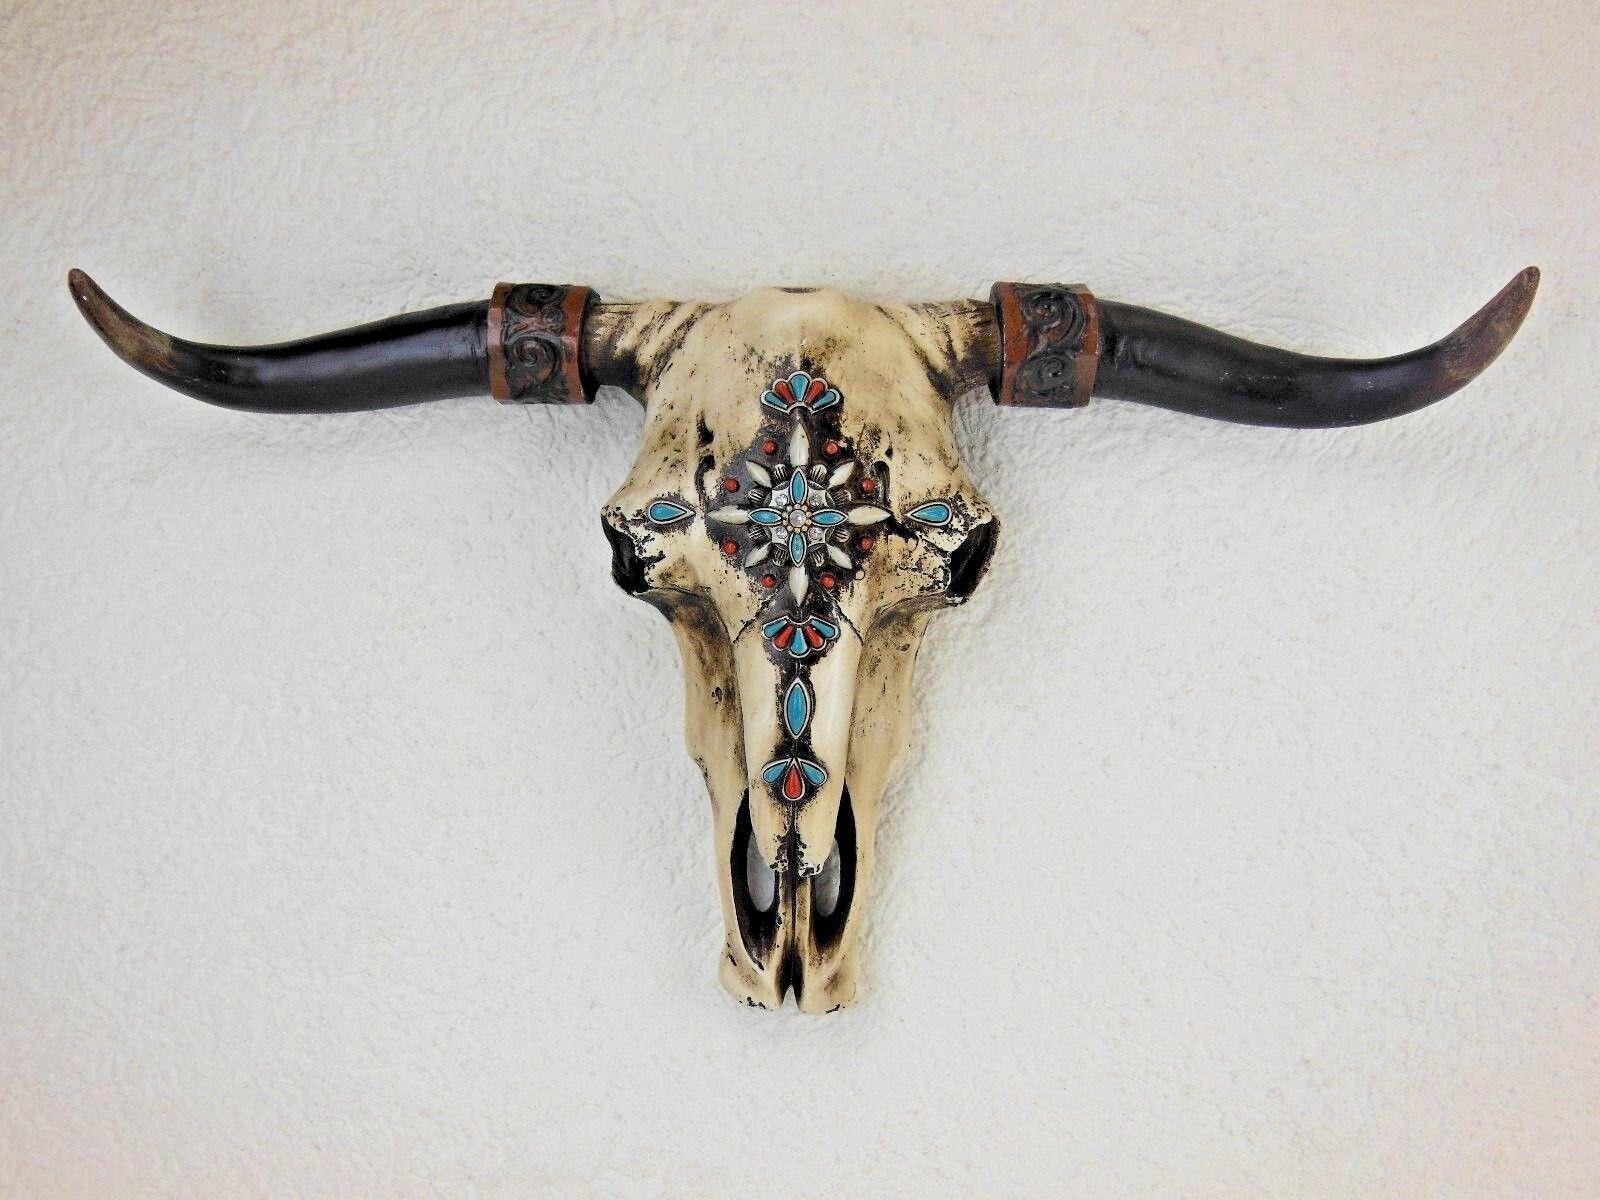 Büffel Stierkopf Anhänger XXL Schädel Stier Bulle Geweih Western Indianer Spirit